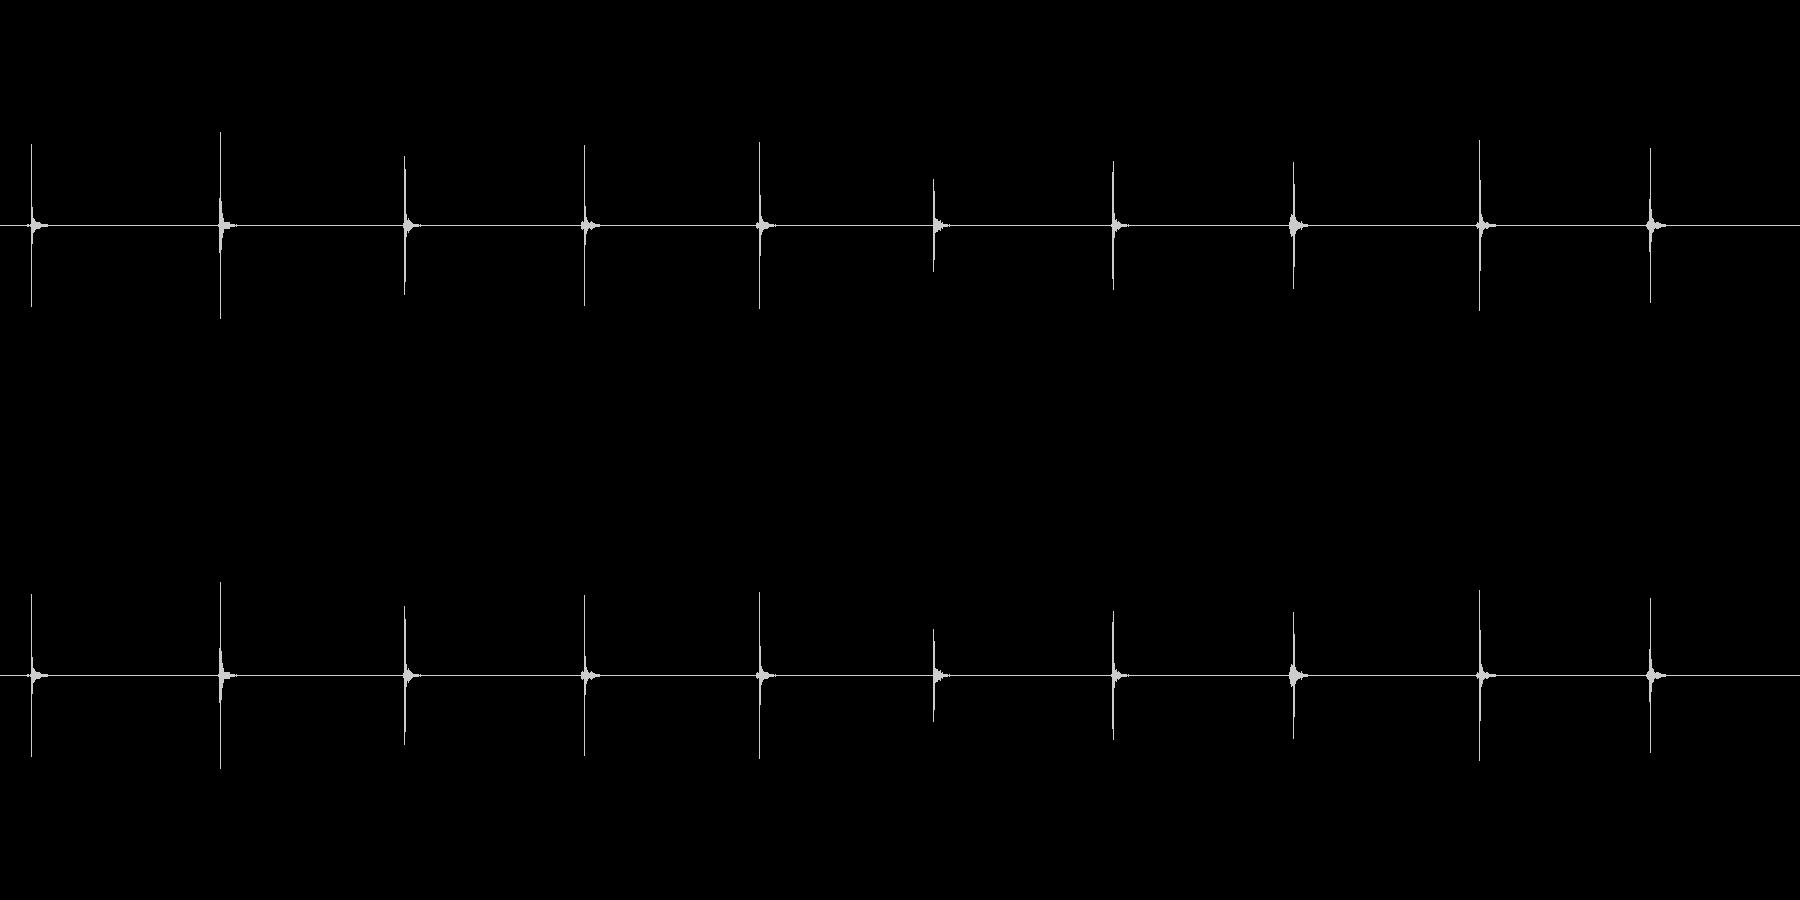 【足音03-3L】の未再生の波形